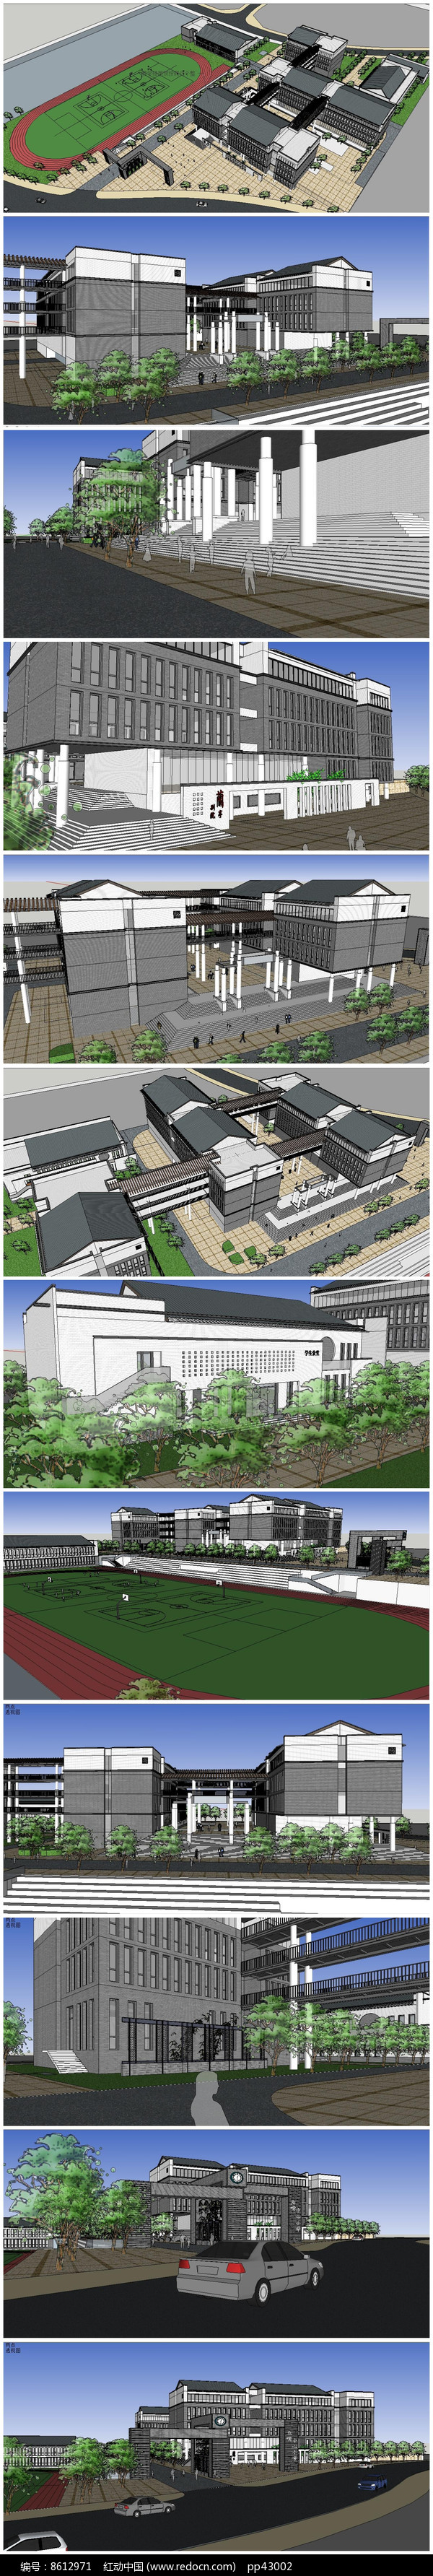 小学校园建筑SU模型图片